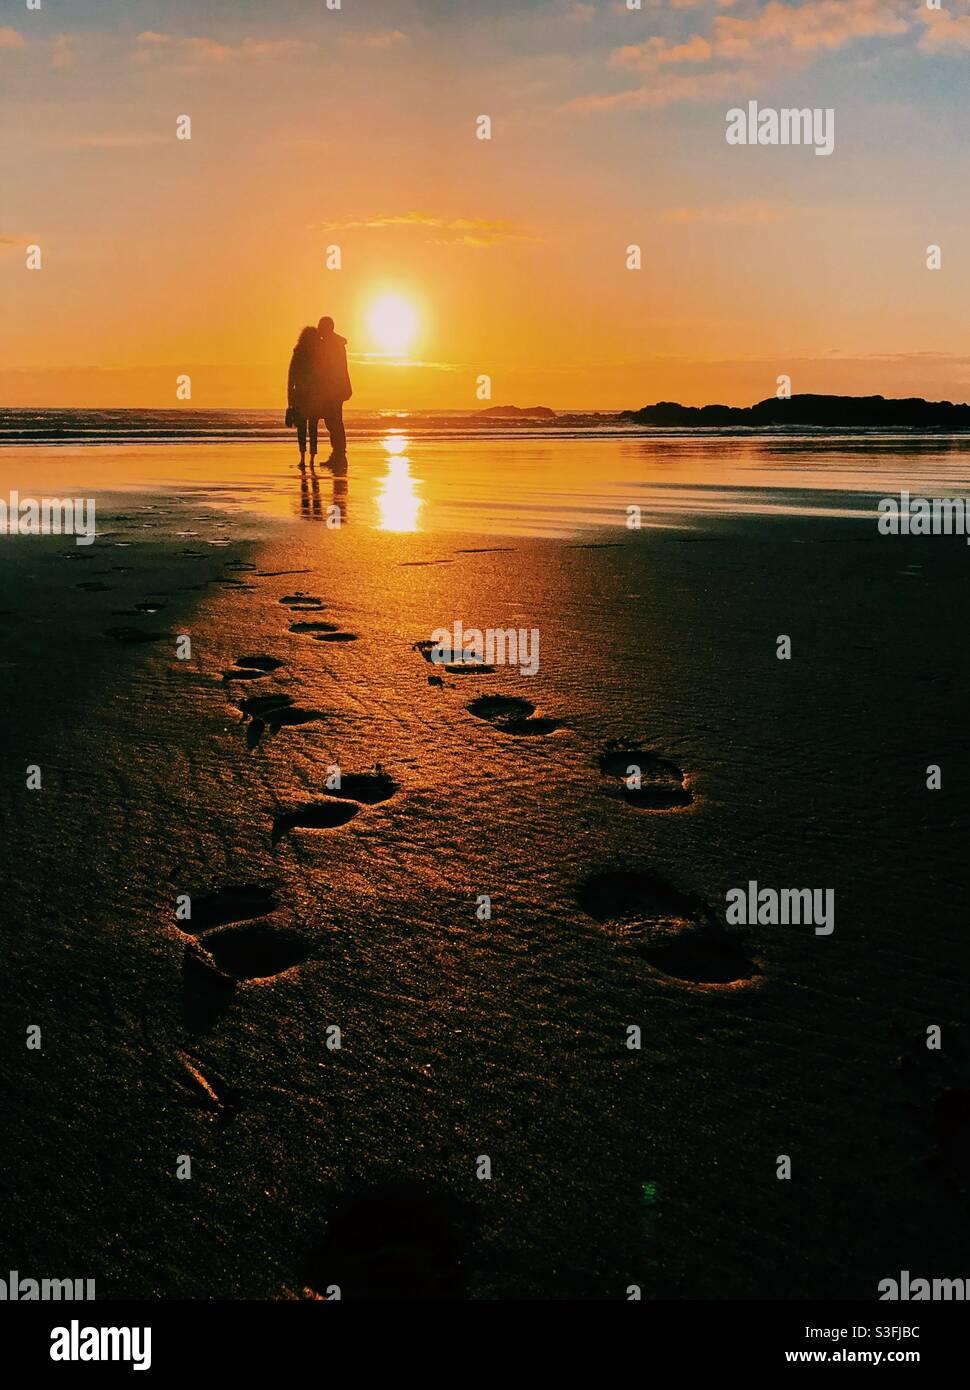 Una coppia ha silhoueted guardando il tramonto su una spiaggia, le impronte dei piedi che li conducono Foto Stock